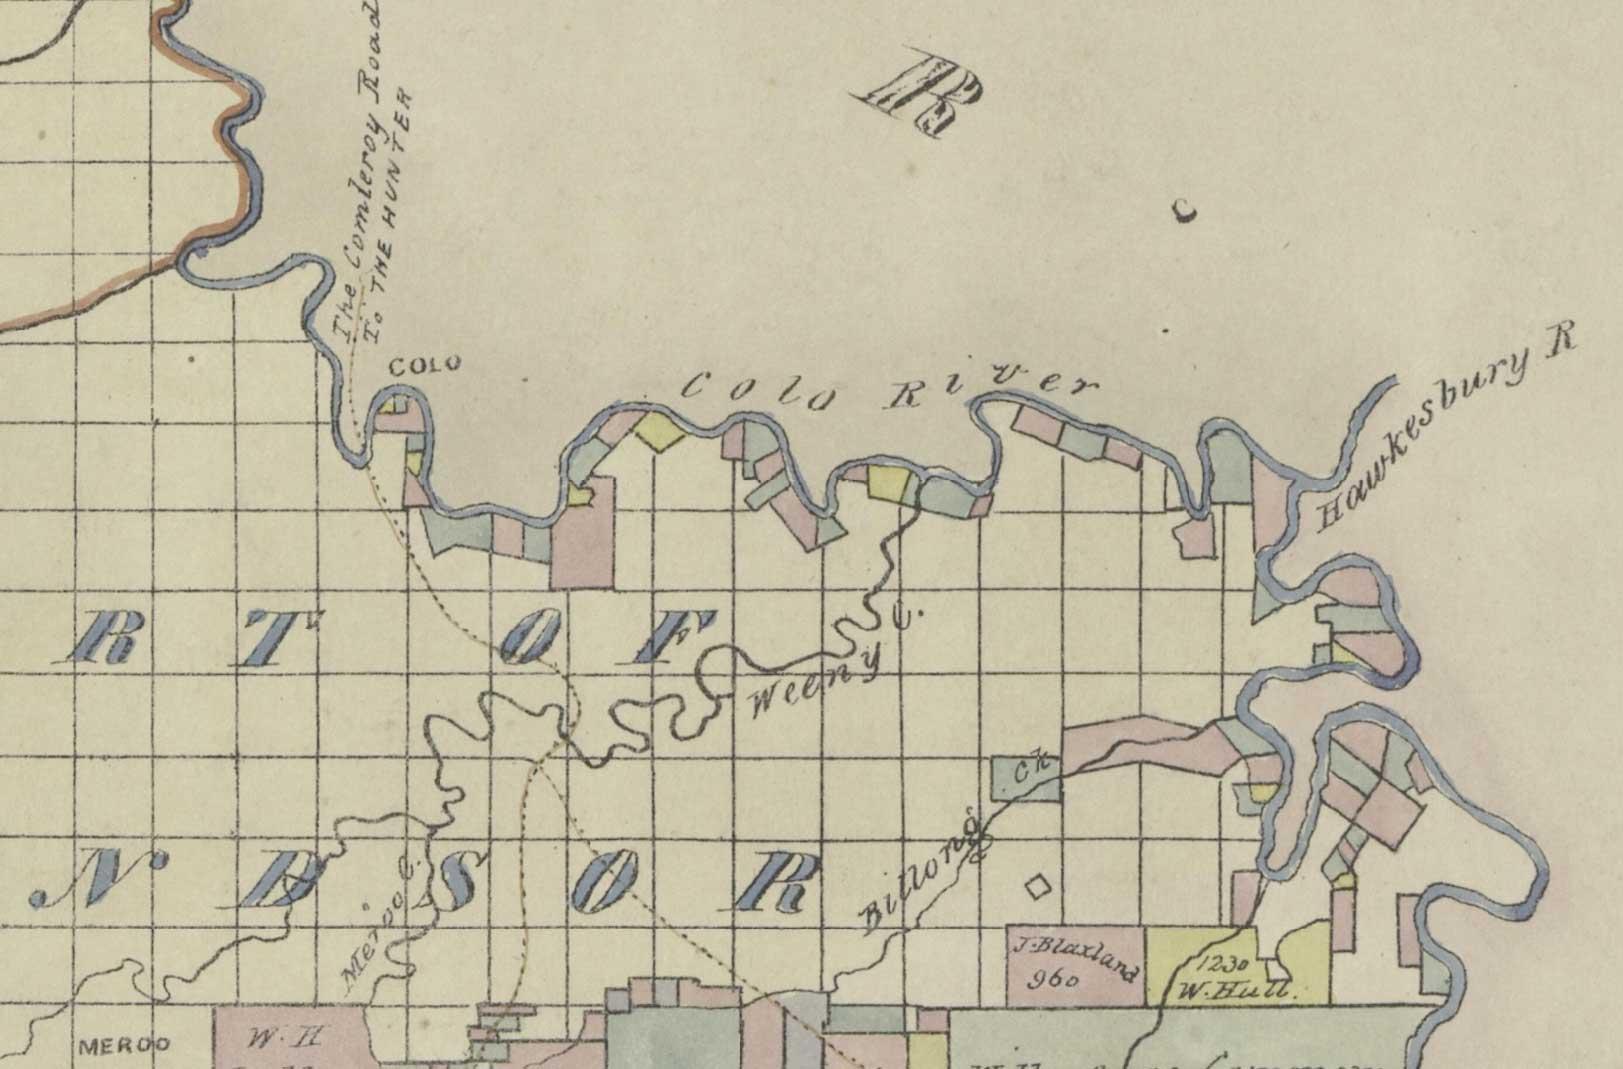 1836 Colo Map